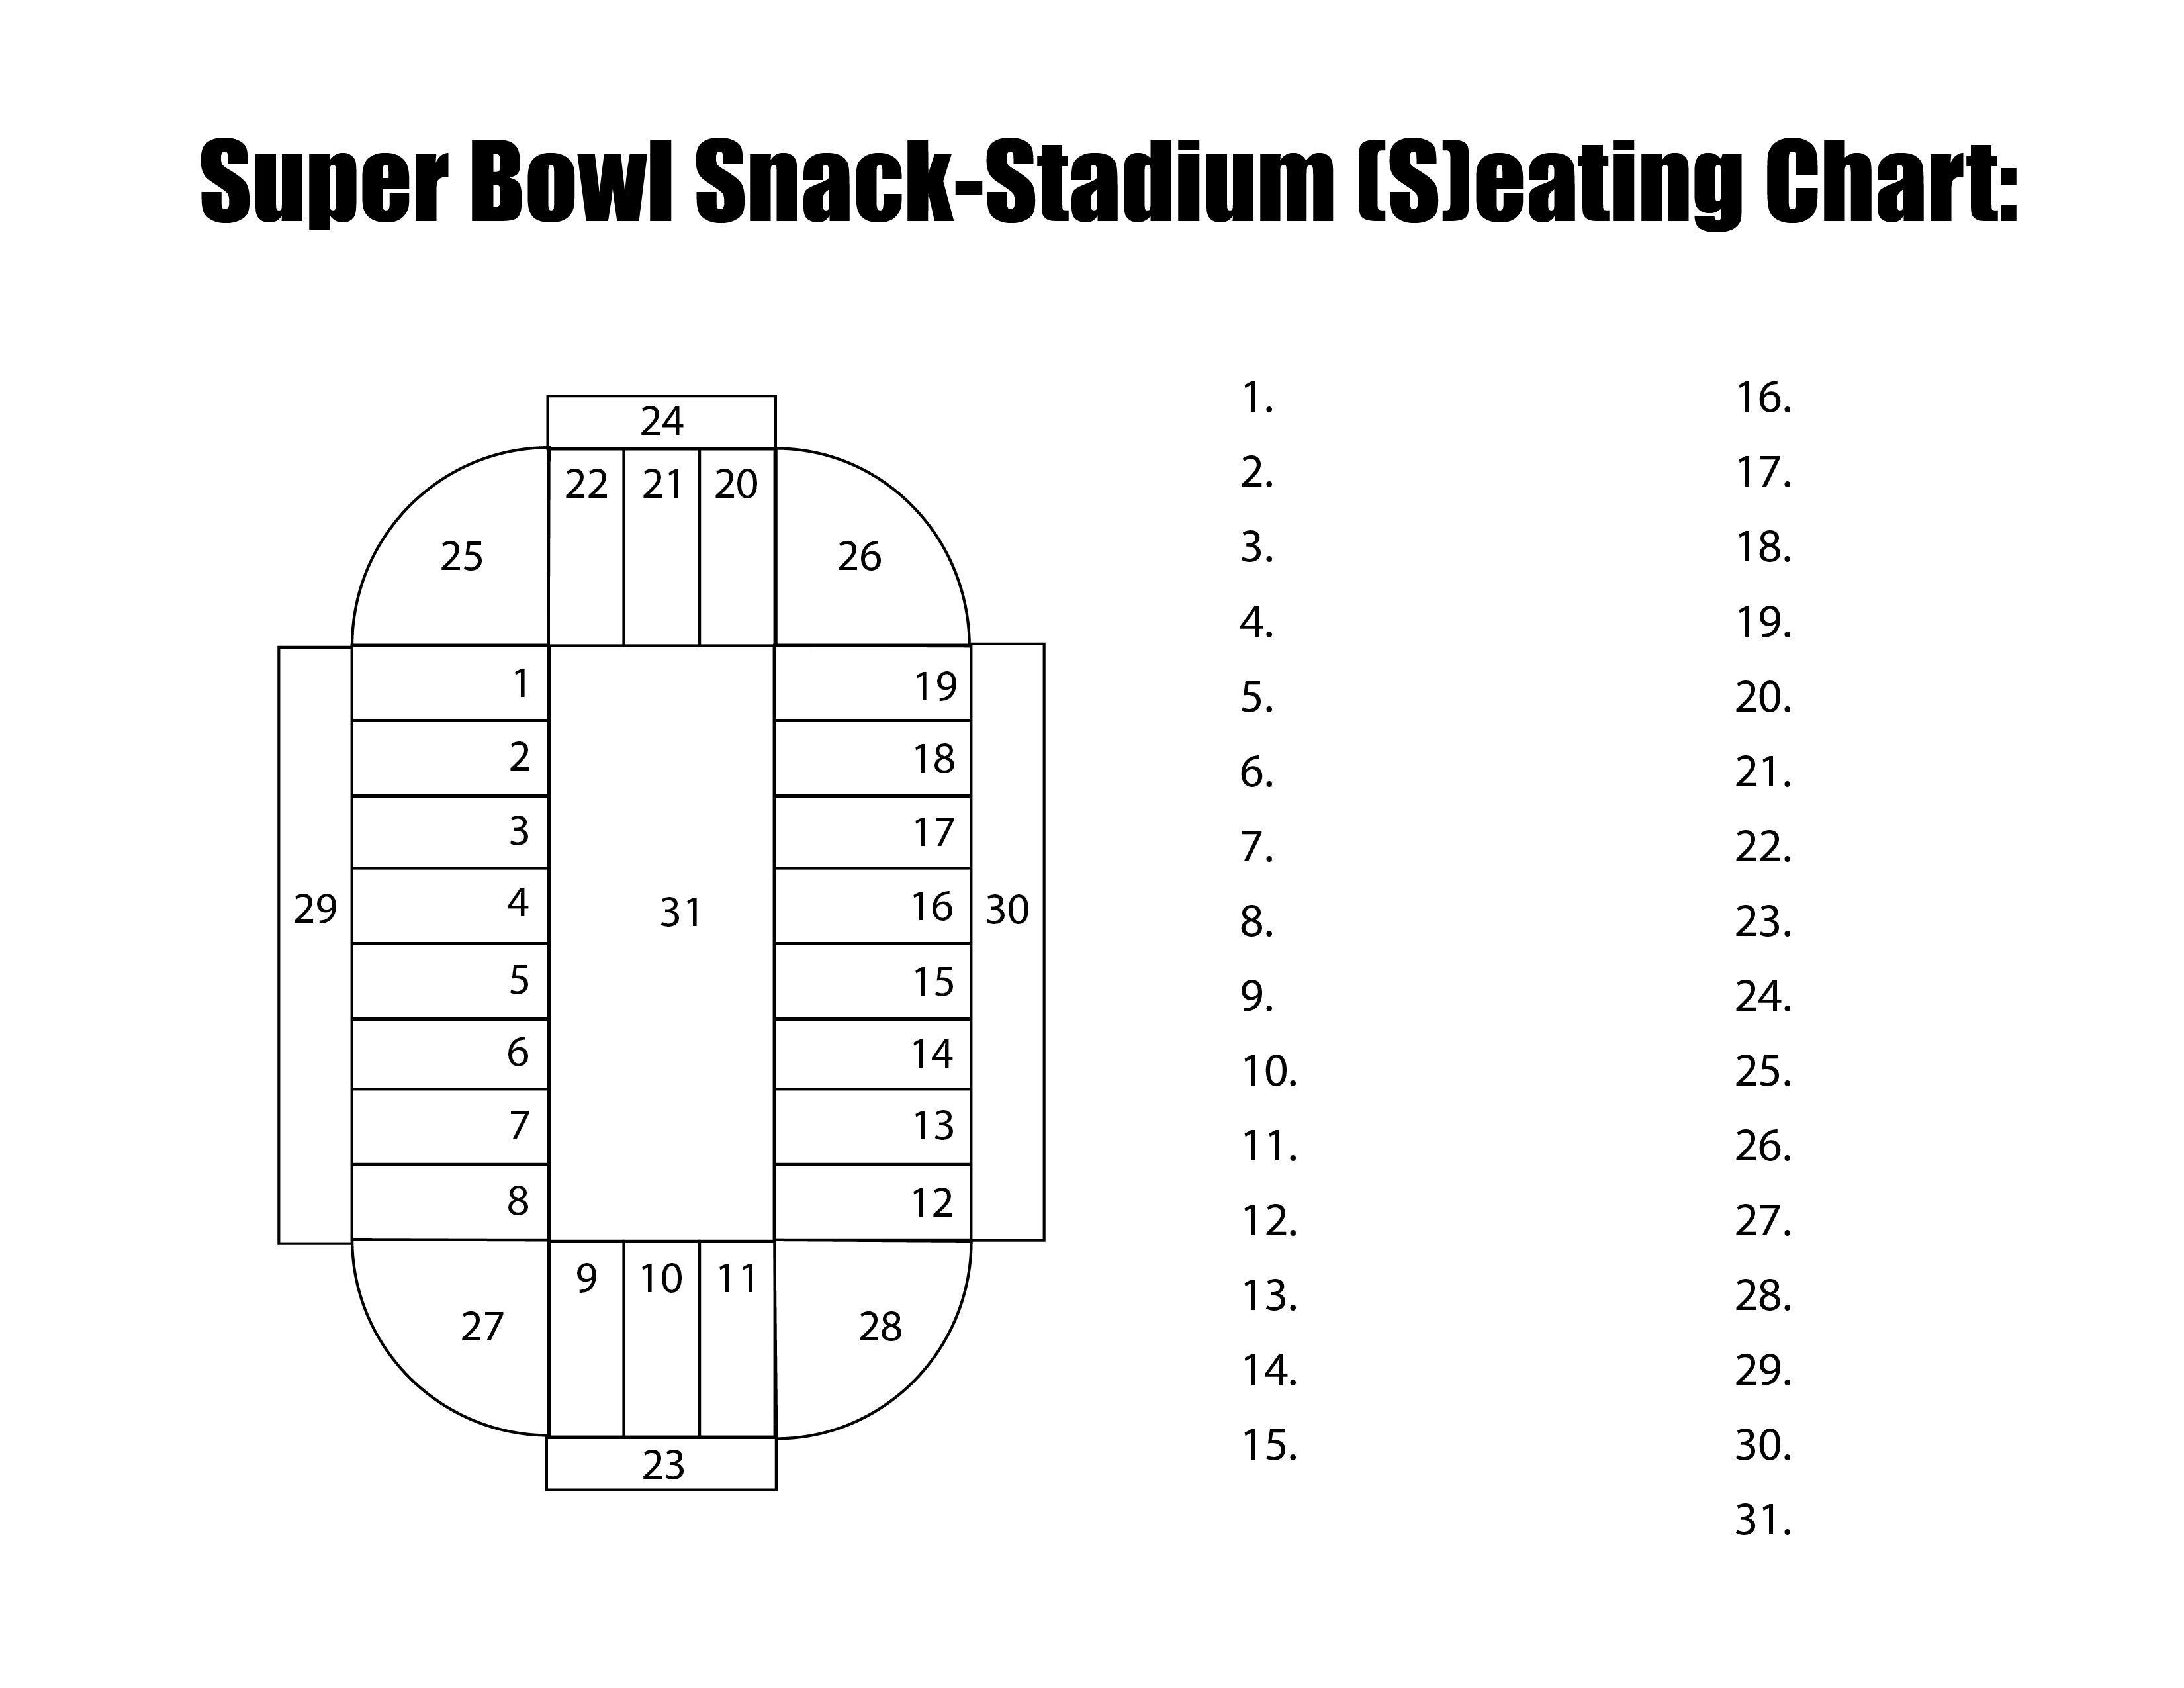 Super Bowl Snack Stadium Sign Up